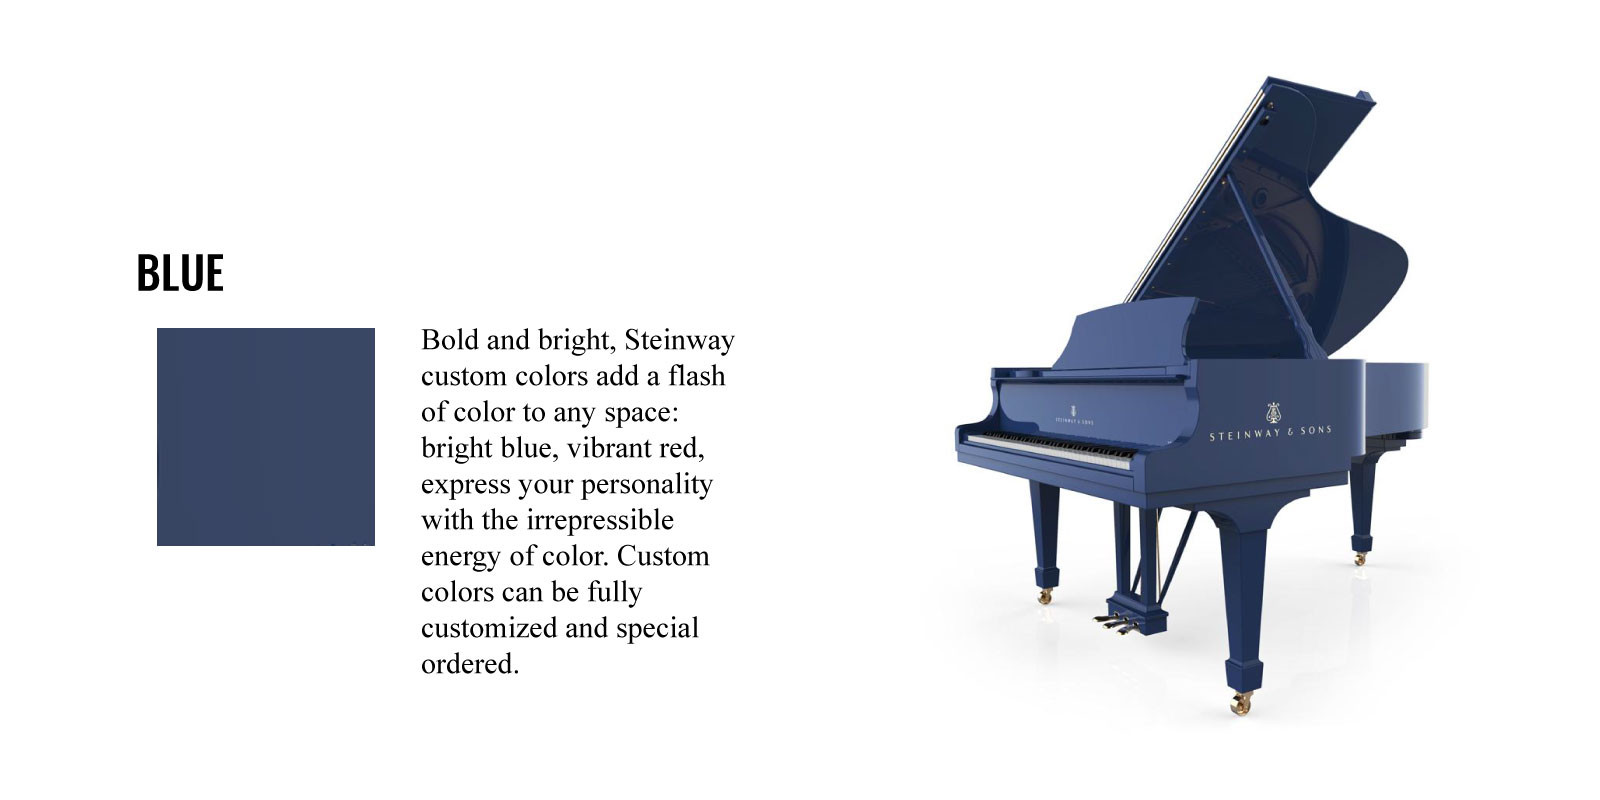 PP-Steinway-Custom-Color-Slideshow-3.jpg